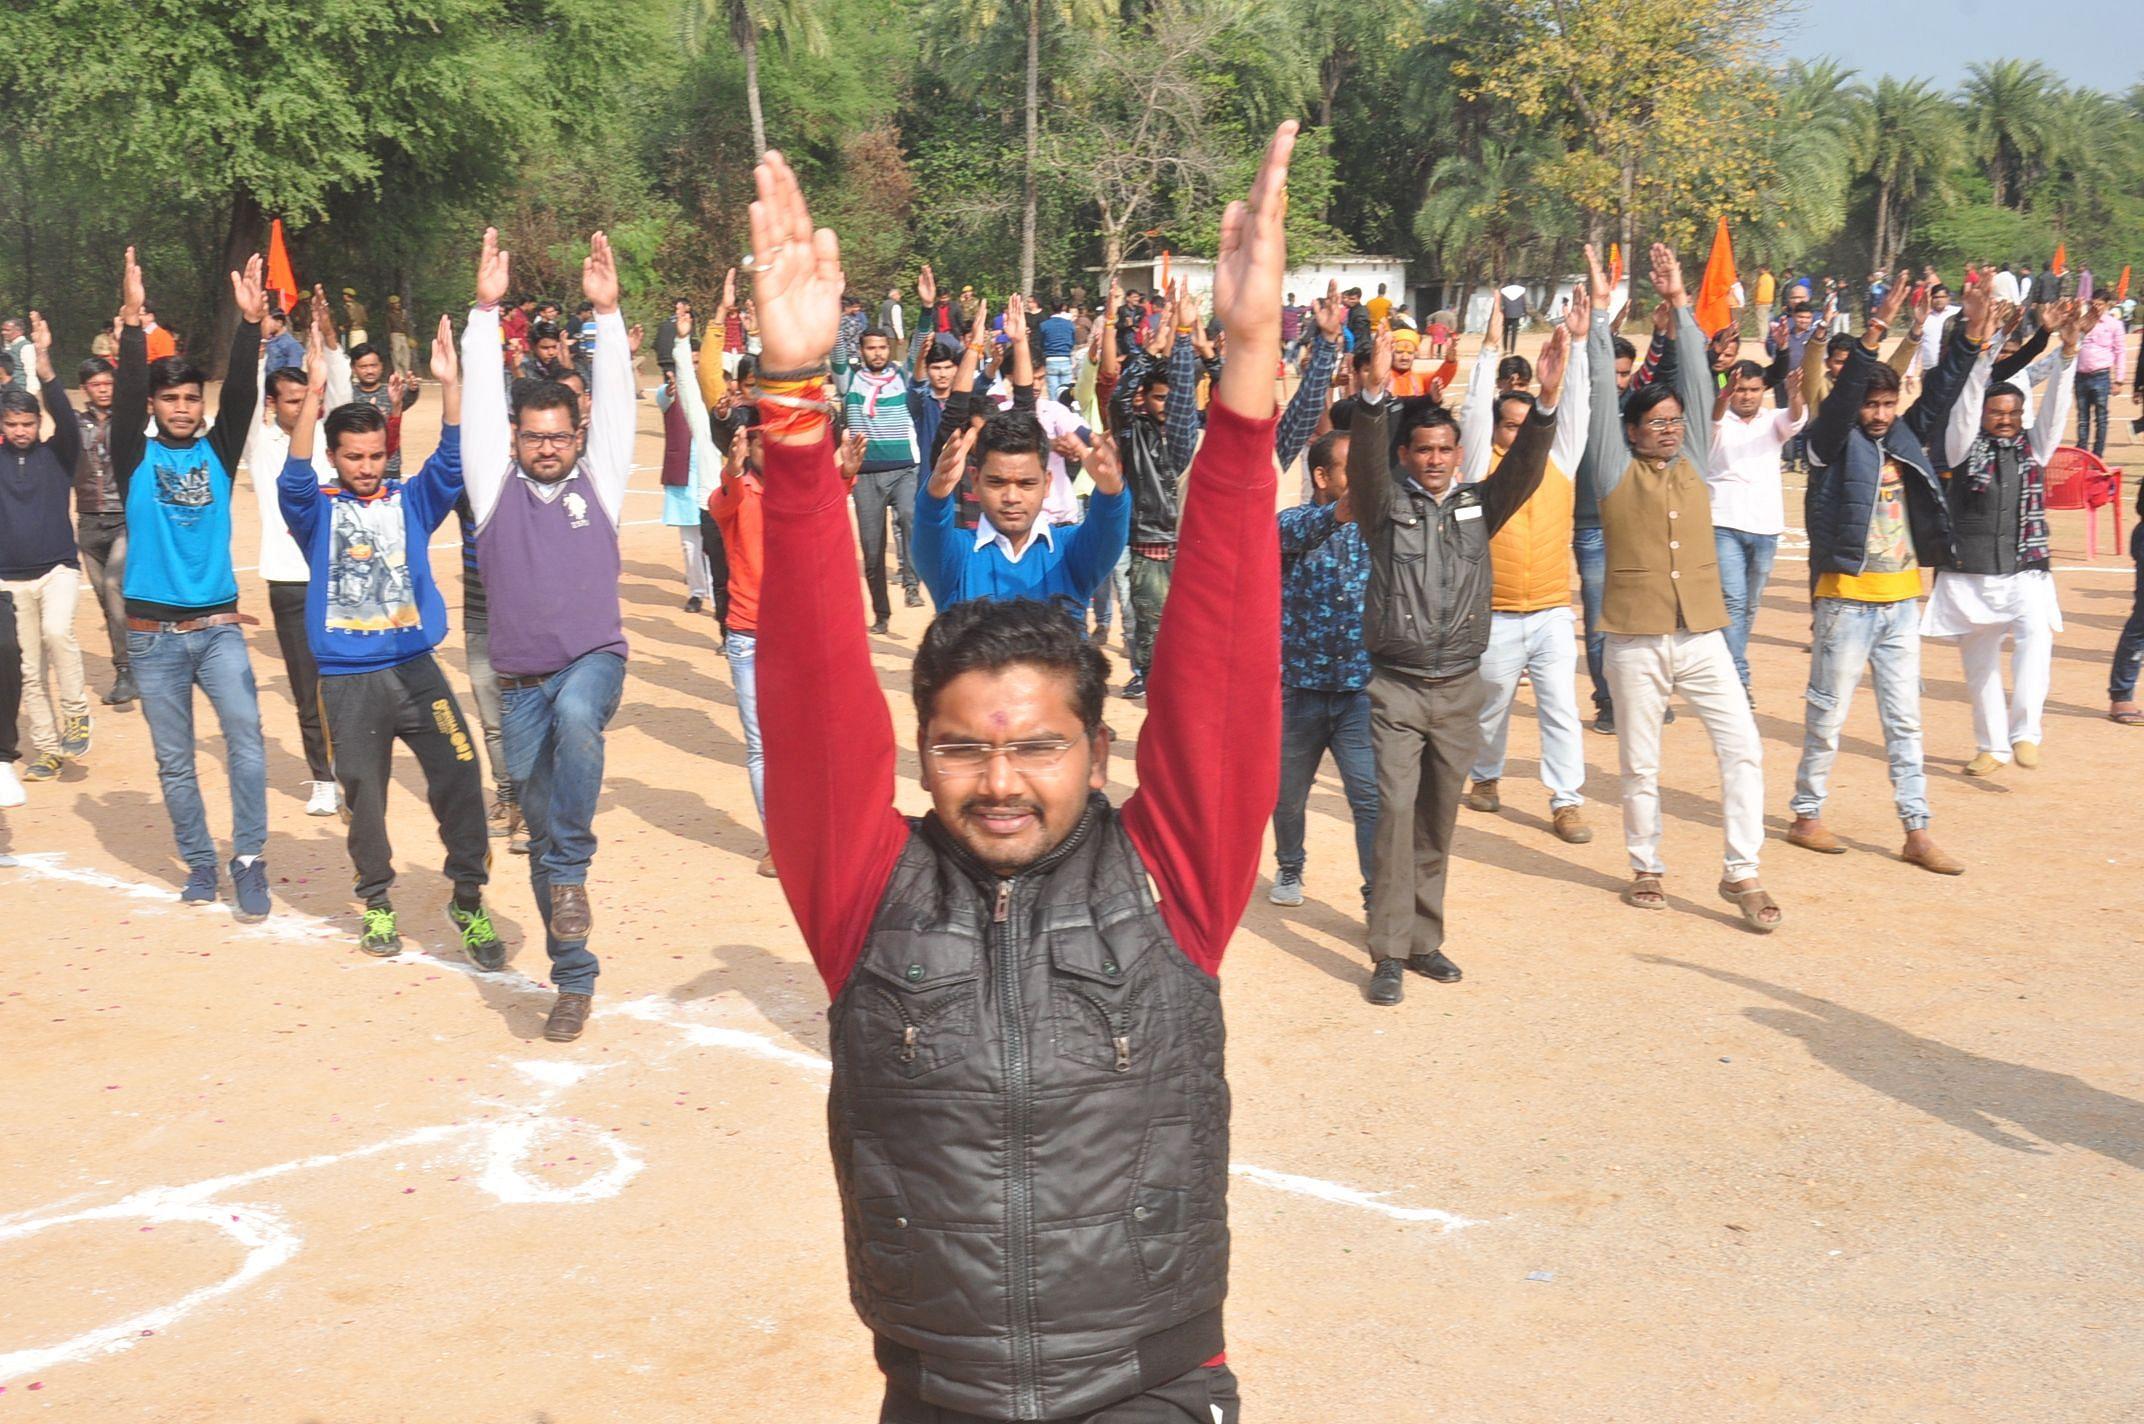 राष्ट्रीय स्वयं सेवक संघ के शाखा संगम में समारोह में व्यायाम करते कार्यकर्ता।